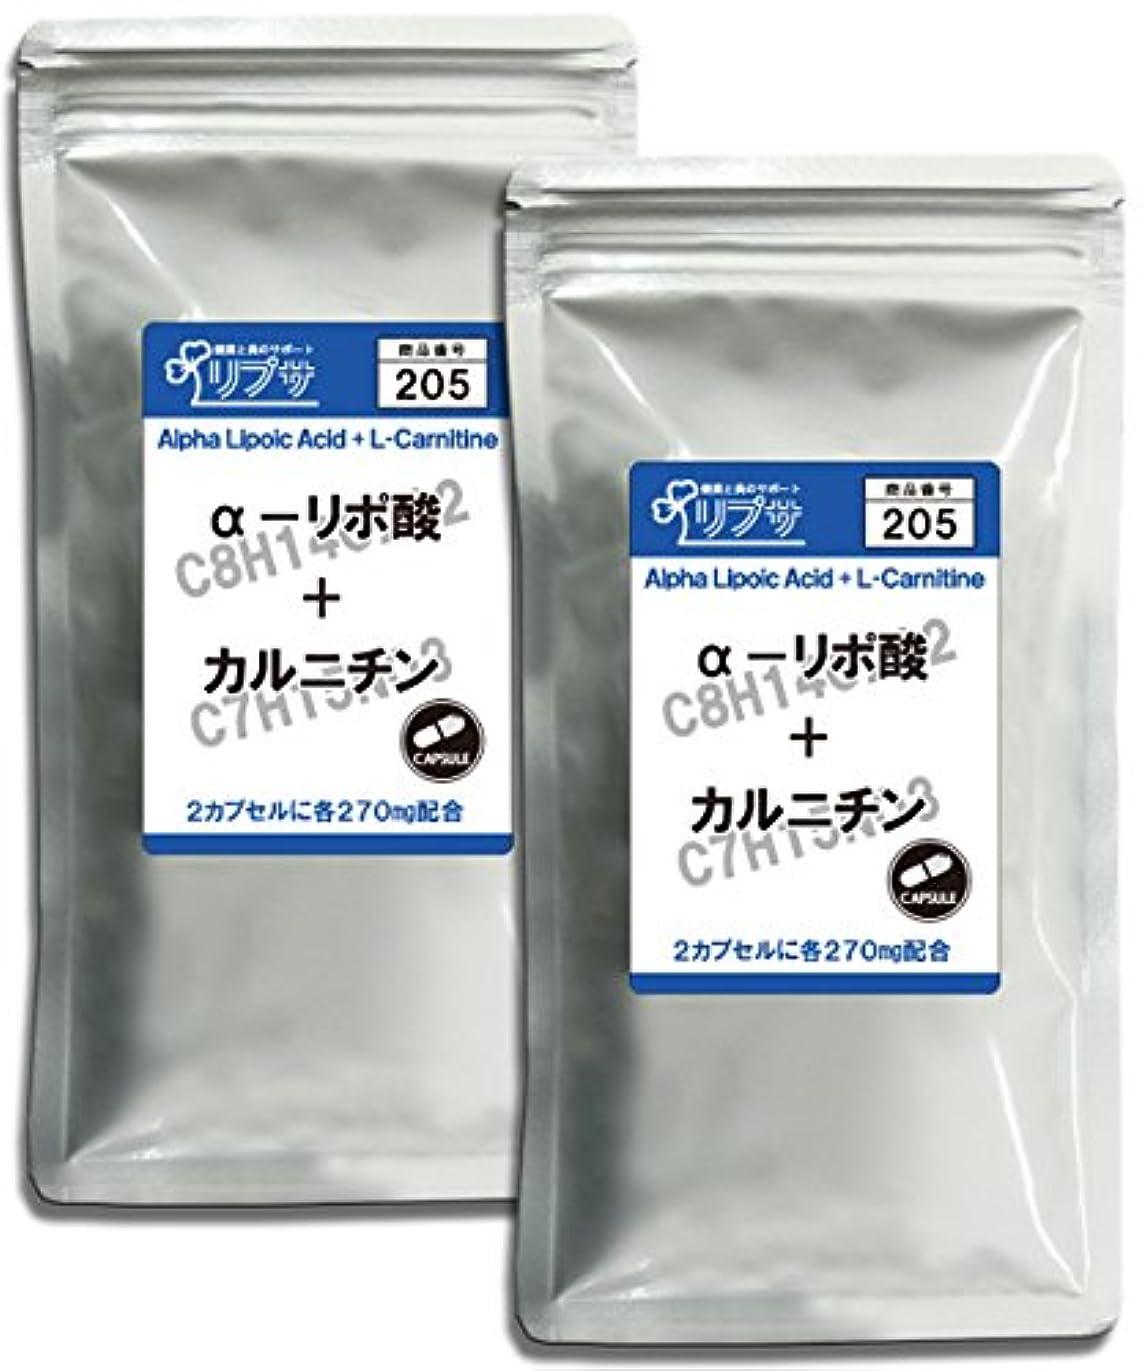 司令官特性定期的アルファリポ酸+カルニチン 約3か月分×2袋 C-205-2